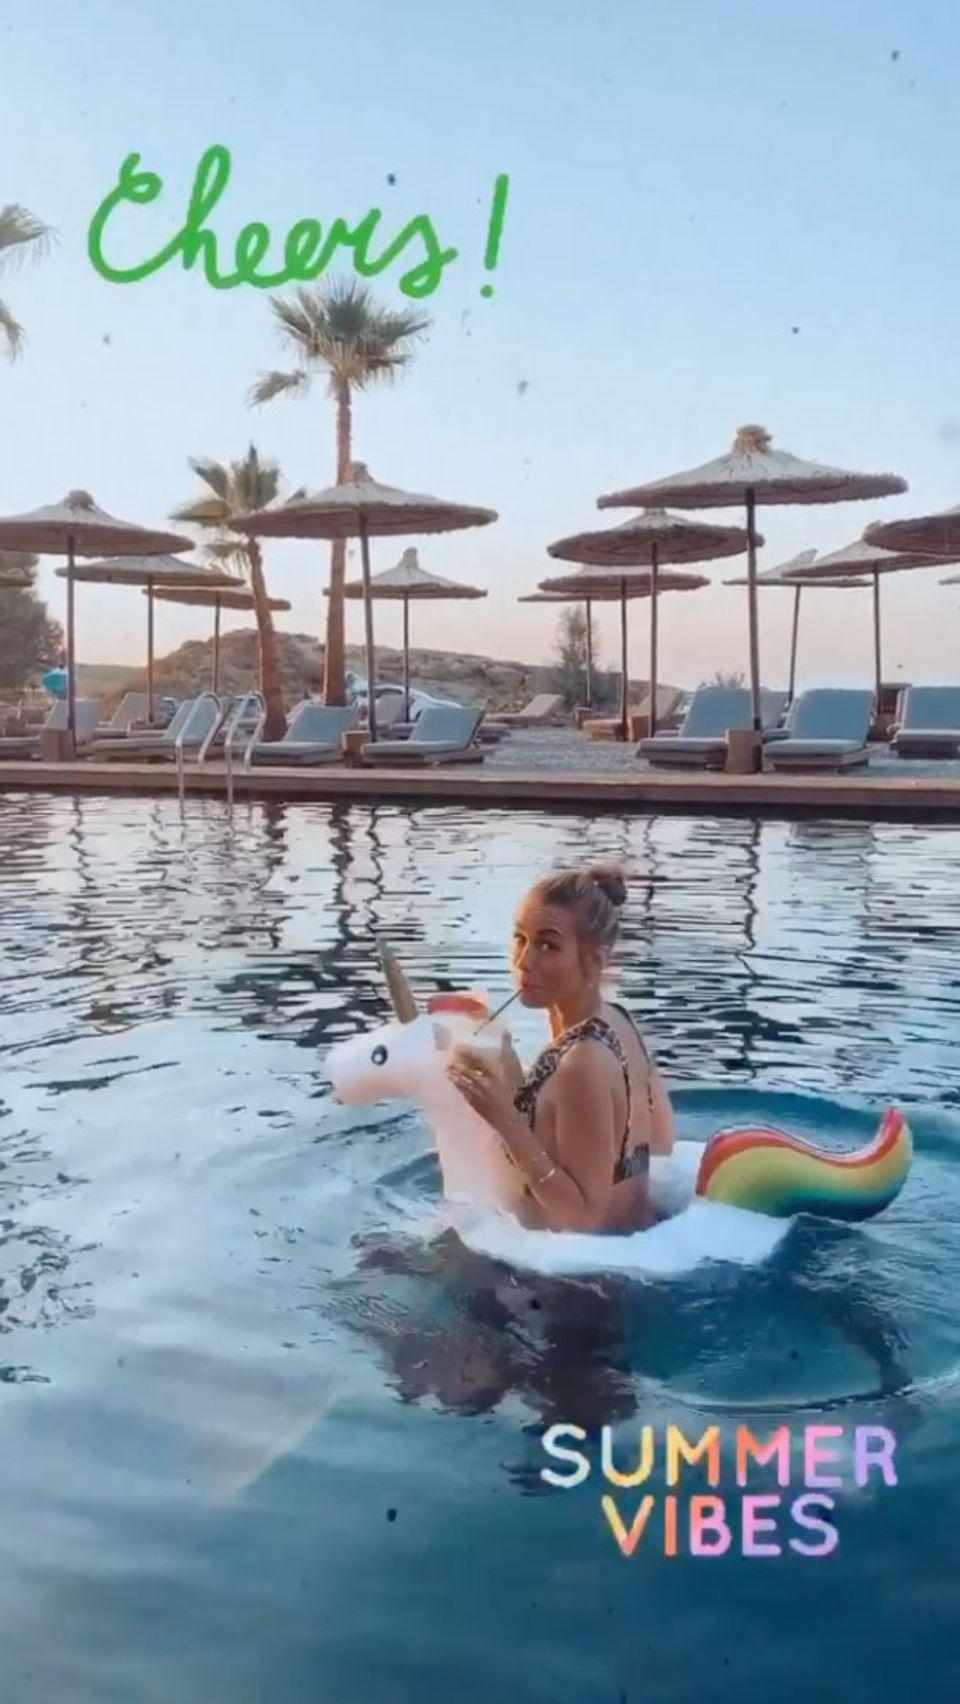 """Mit ihrer Instagram-Story verbreitet Annemarie Carpendale """"Summer Vibes"""" pur: Lässig dreht sie in unter der schönen Abendsonne Griechenlands mit Drink und Einhorn noch eine Runde durch den Pool."""